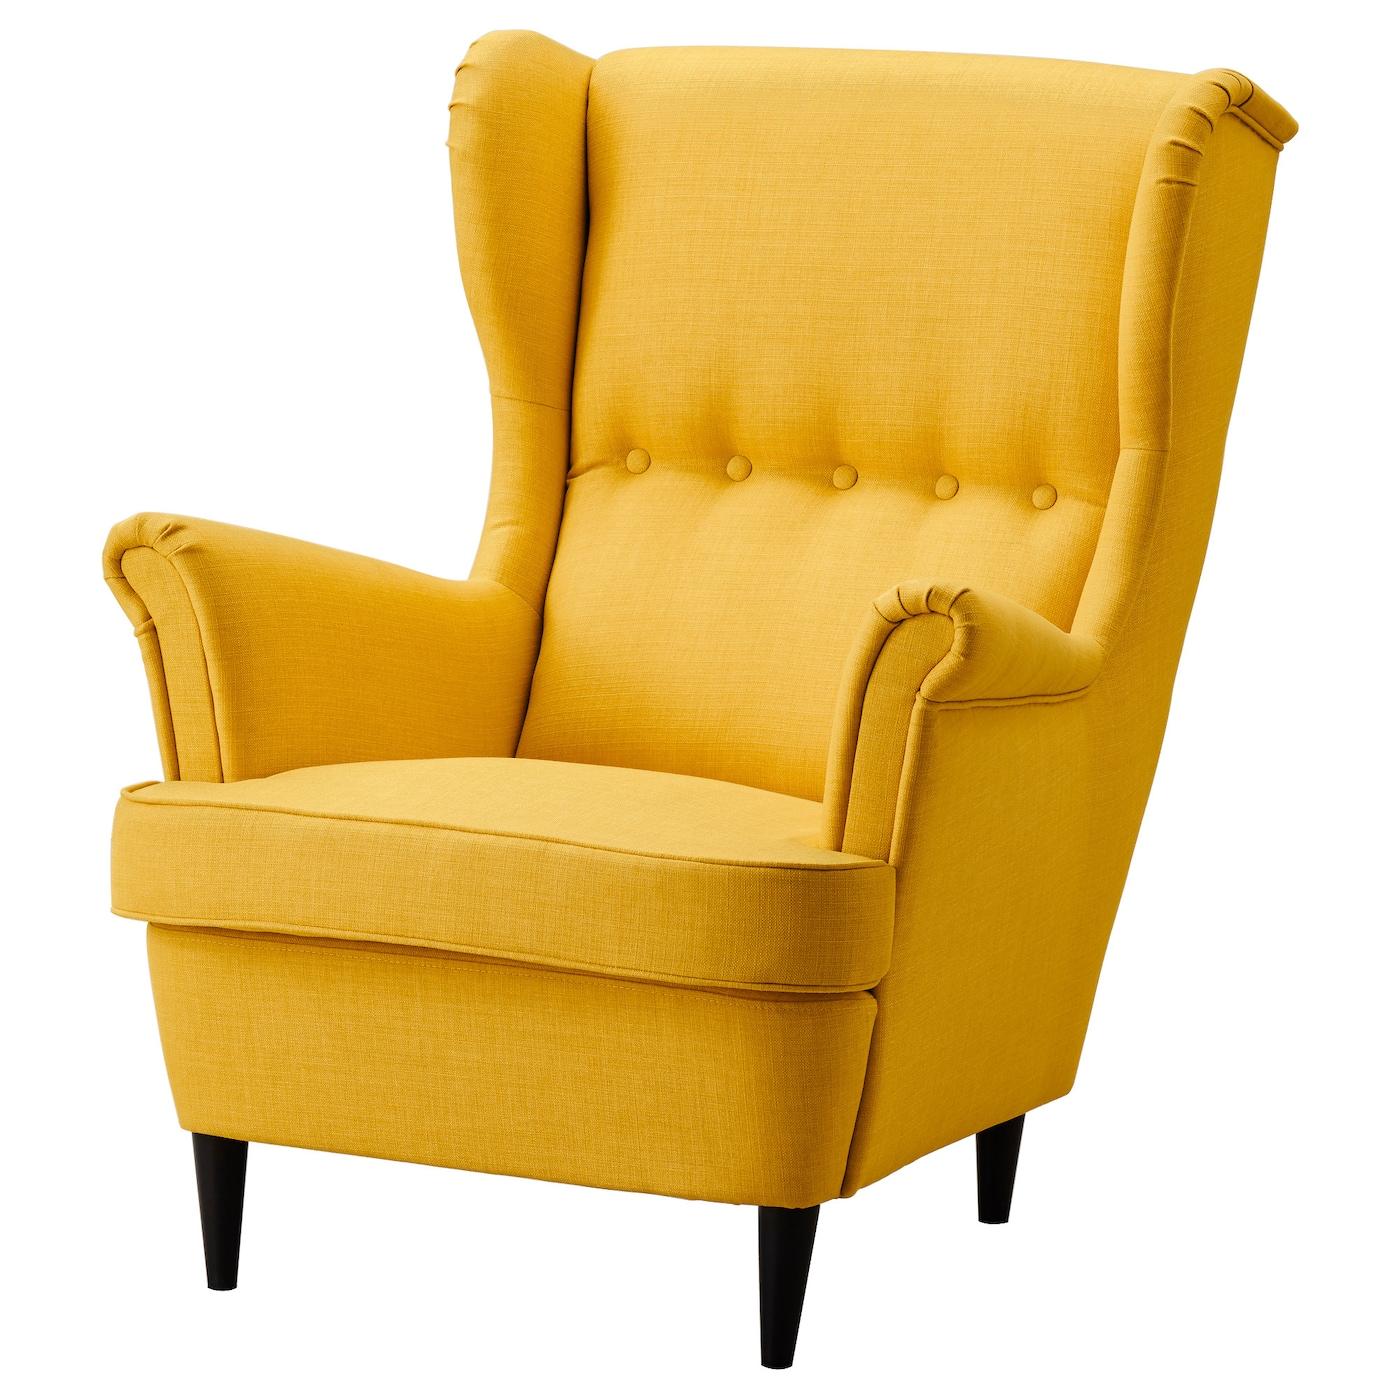 IKEA STRANDMON żółty fotel uszak